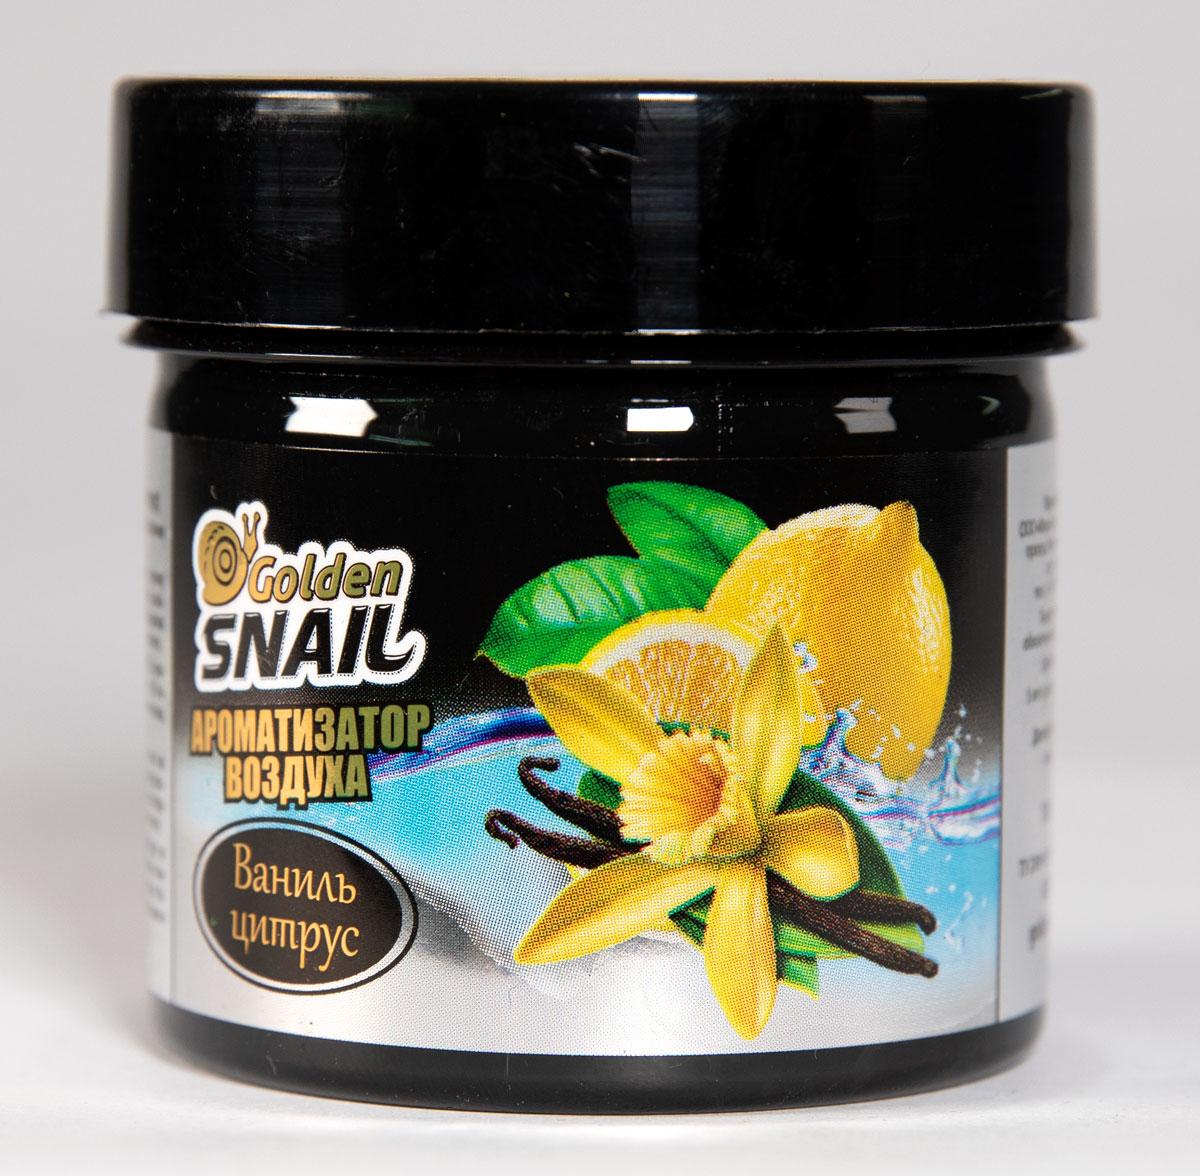 Ароматизатор (ваниль-цитрус)